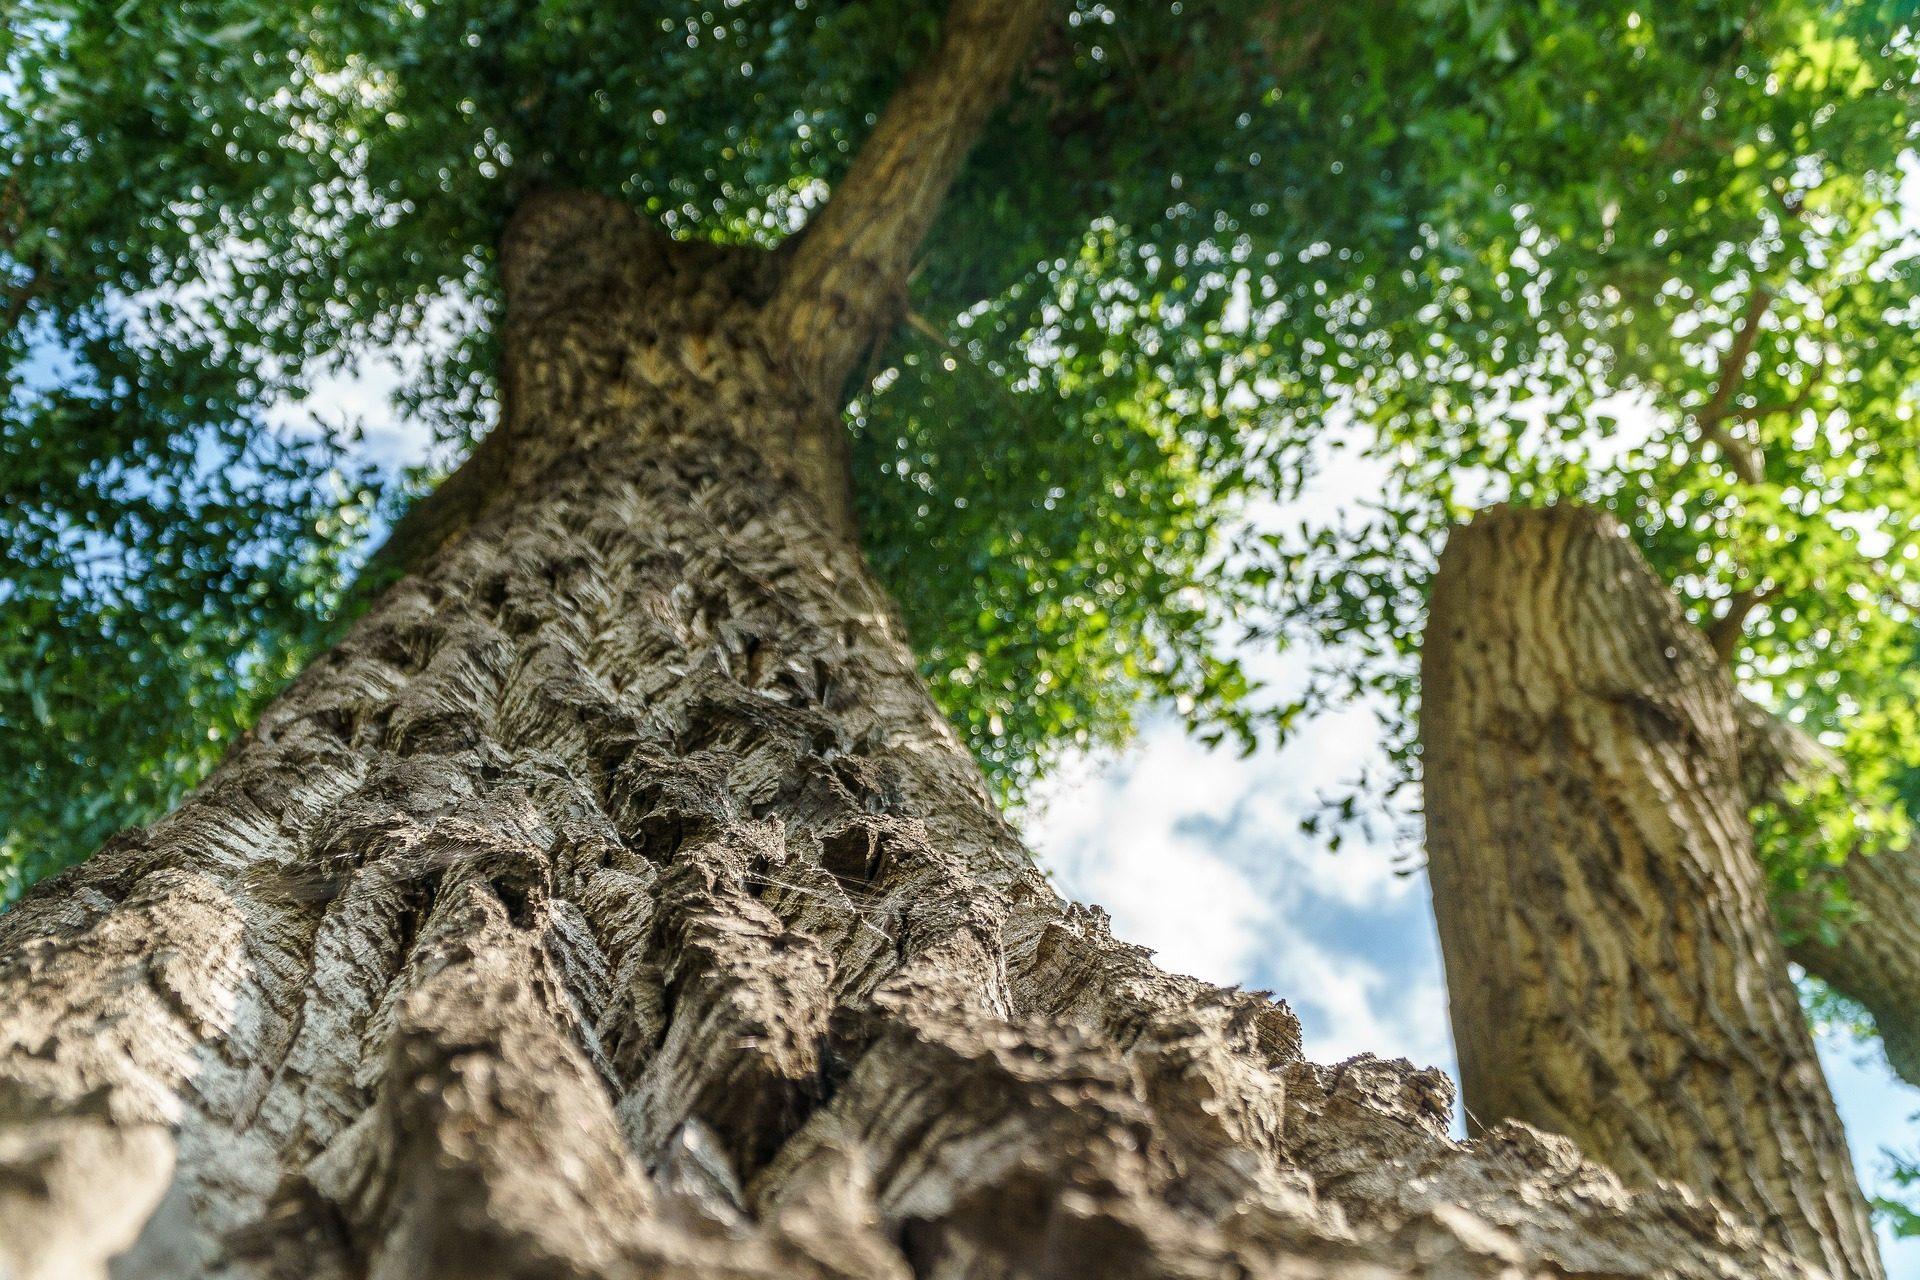 Chêne, arbre, tronc, branches, écorce - Fonds d'écran HD - Professor-falken.com